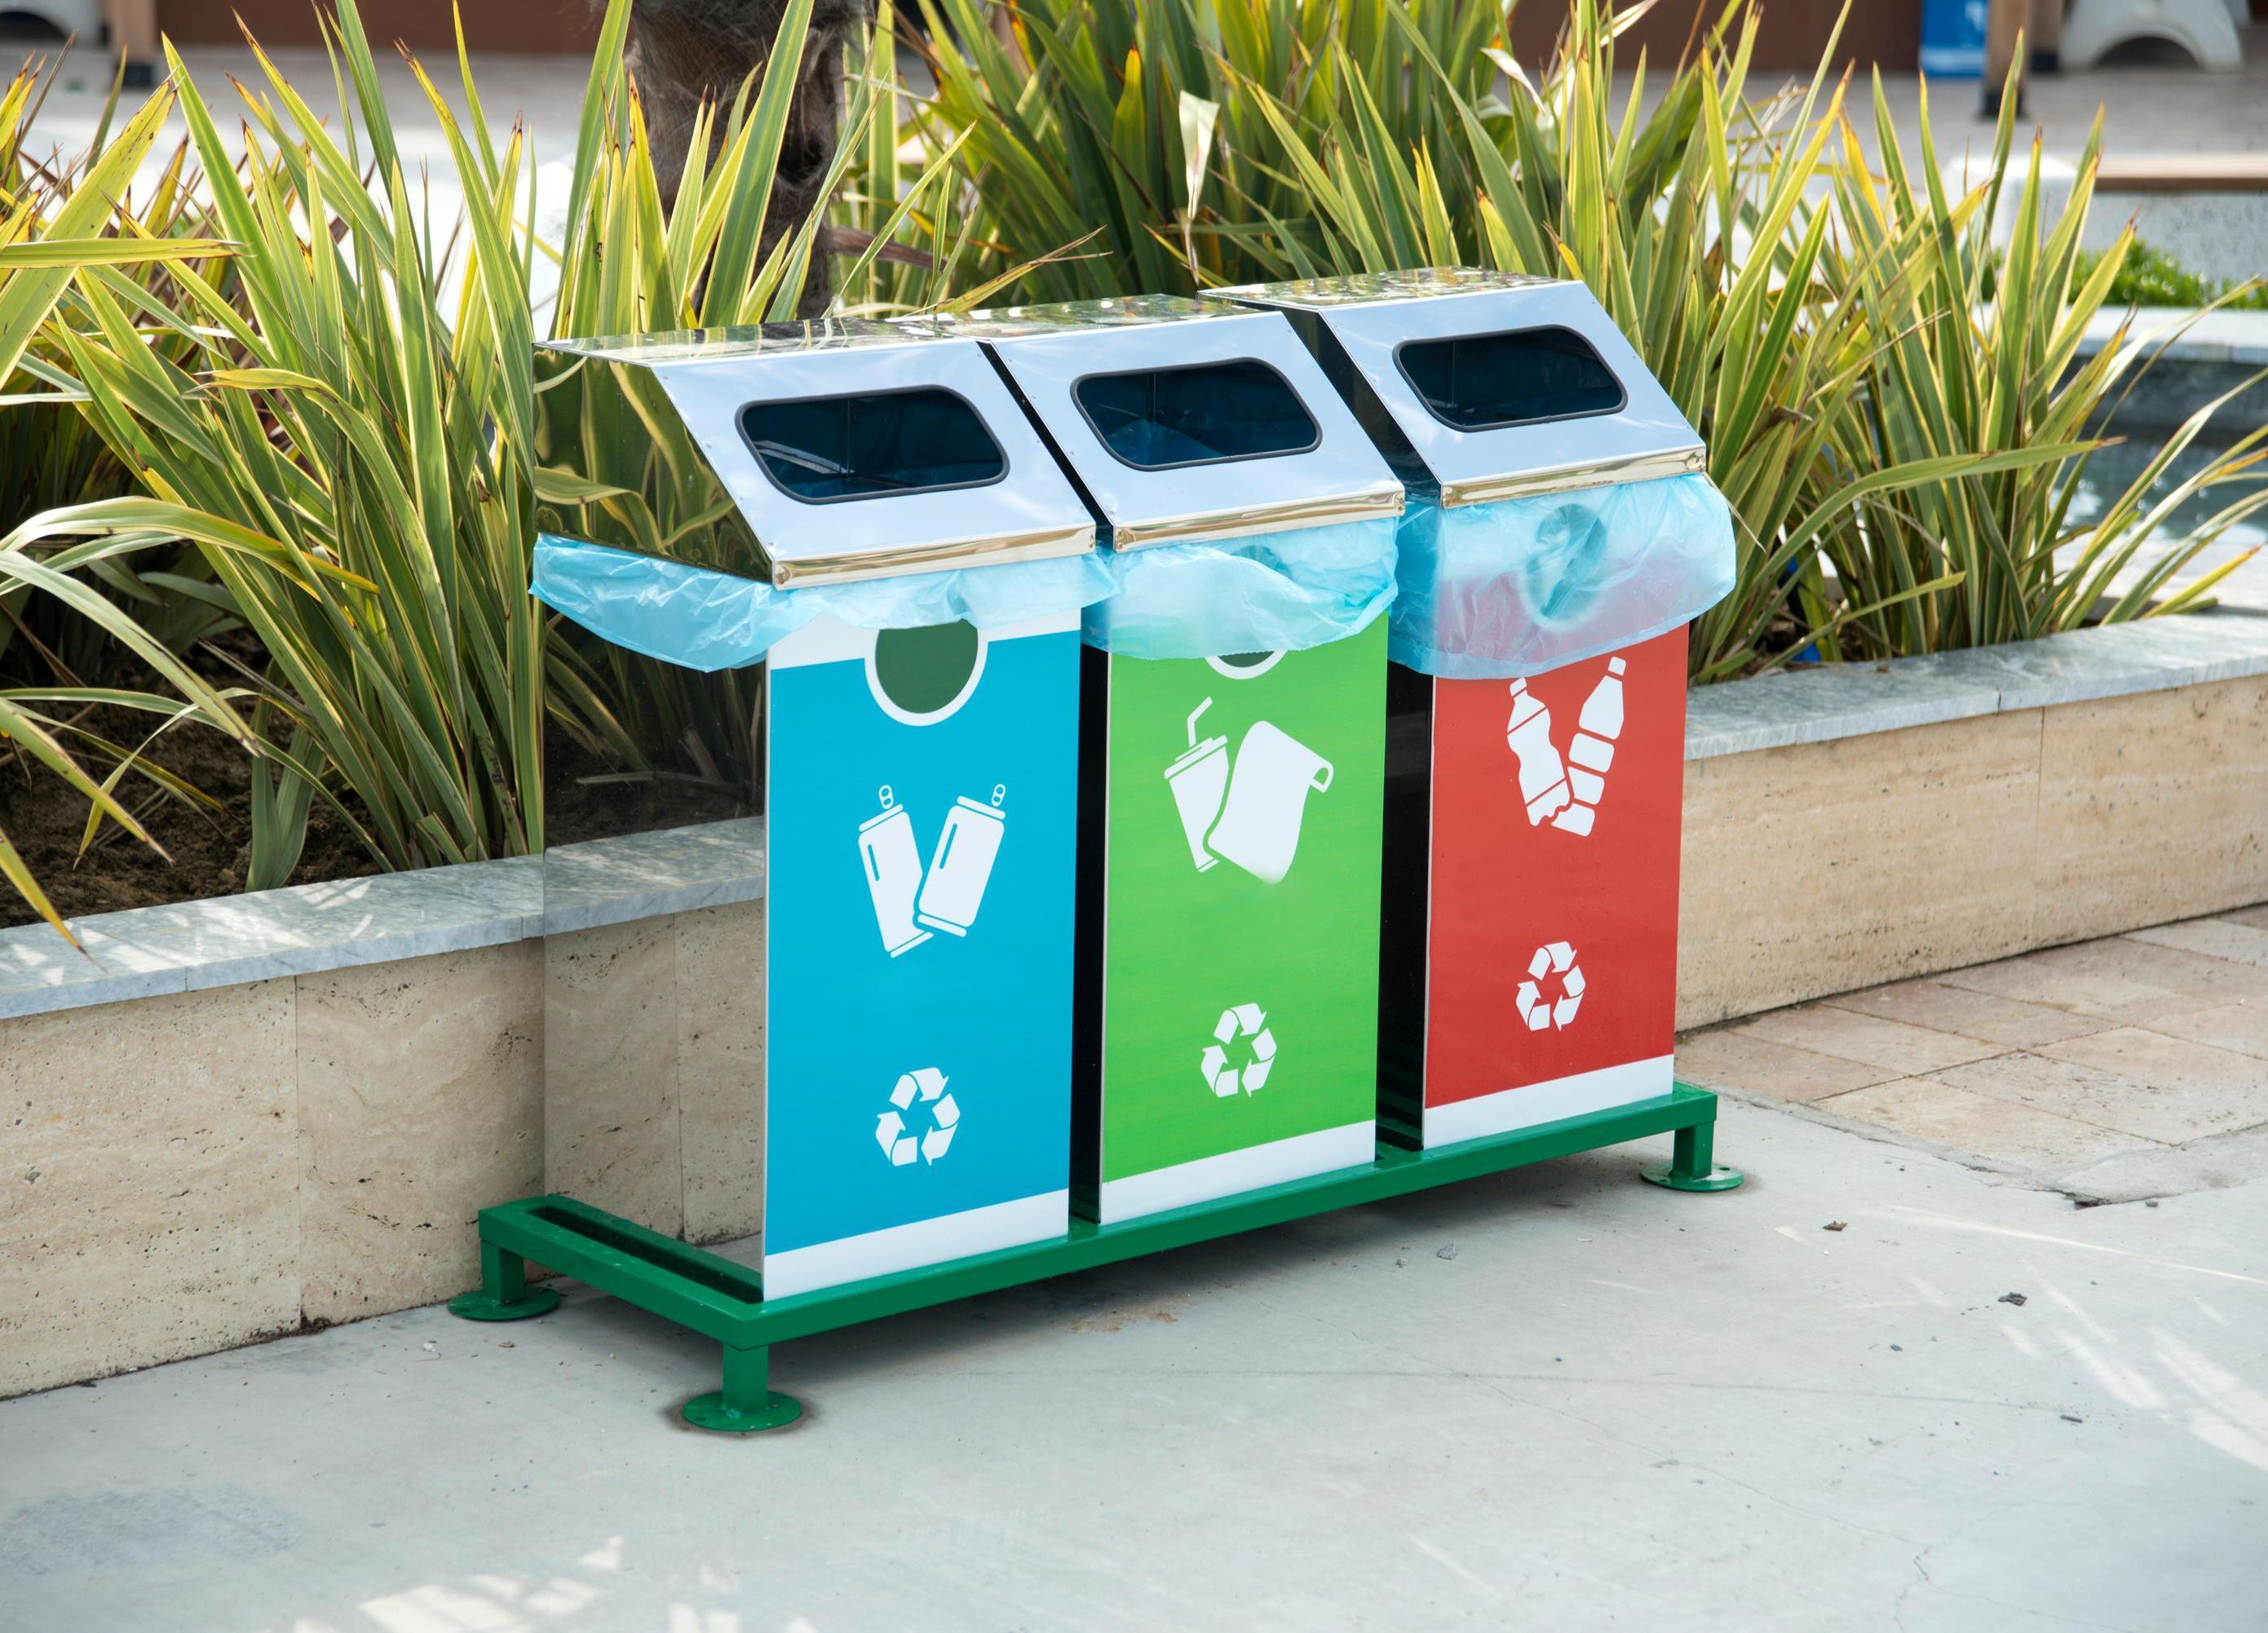 На экопразднике можно будет обменяться одеждой и научиться разделять мусор